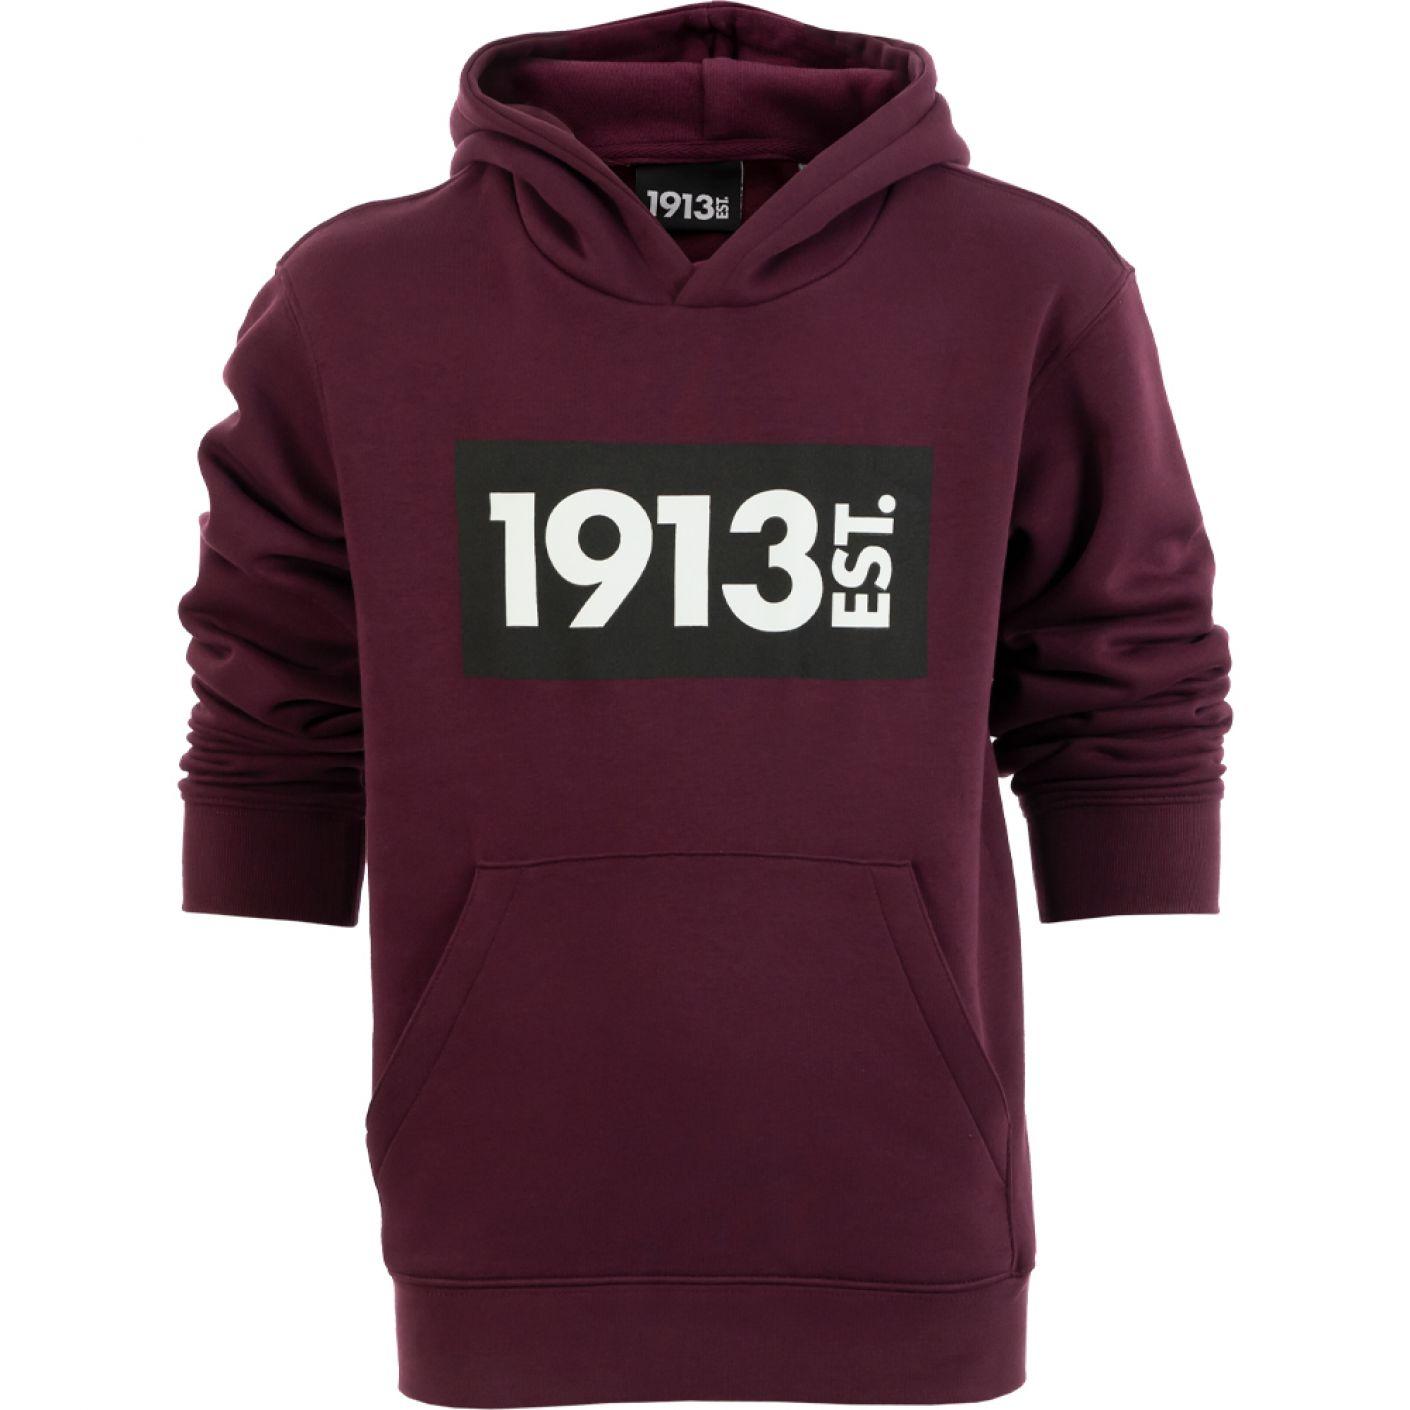 1913 Hooded Sweater Kids bordeaux